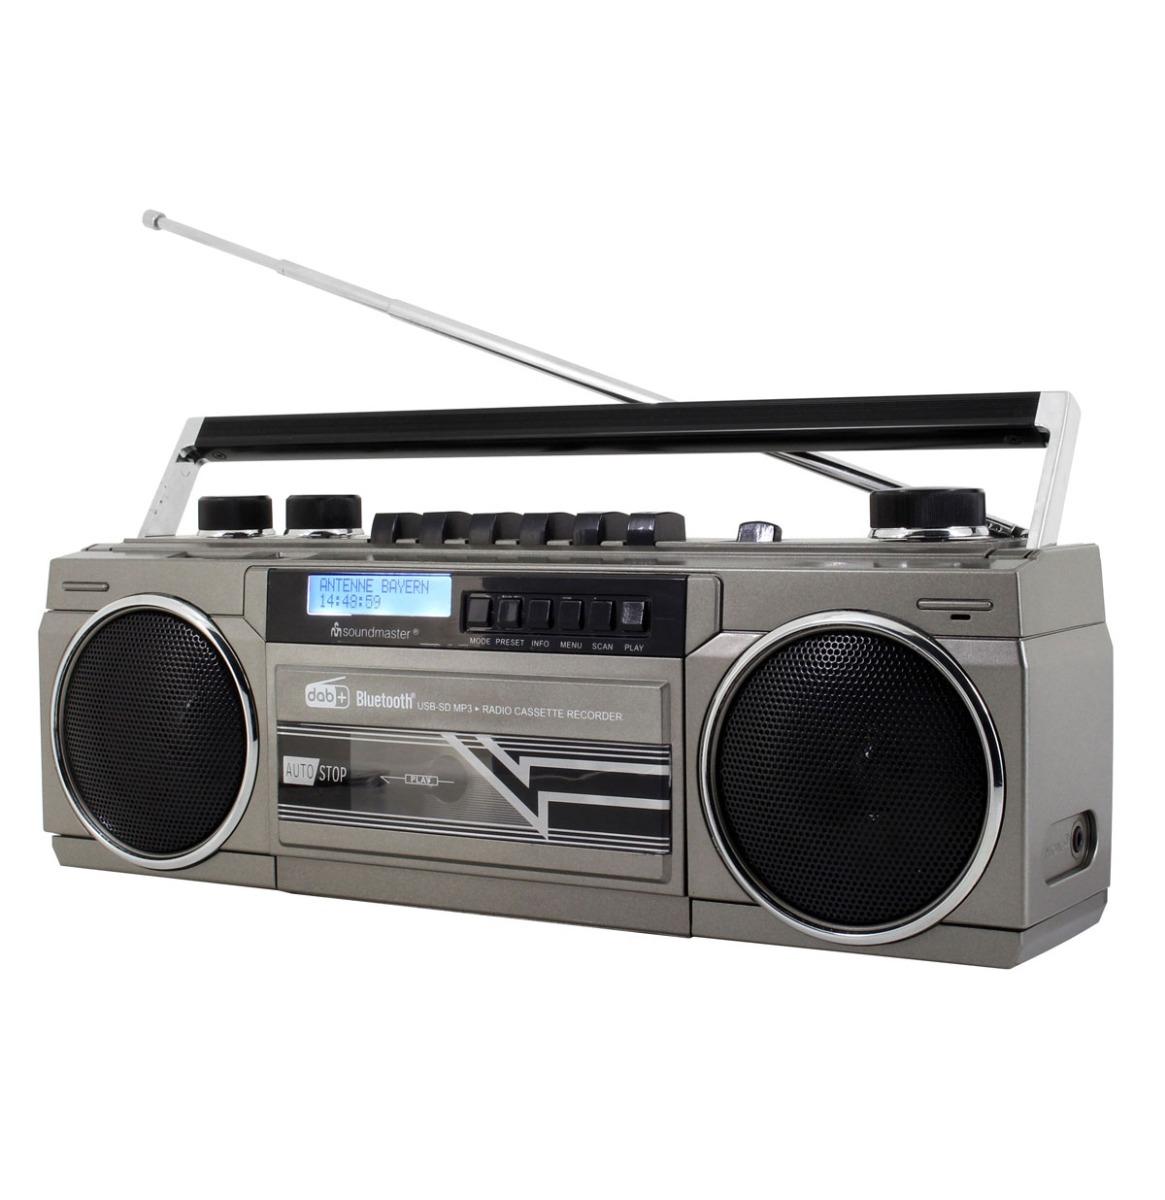 Soundmaster SRR70TI DAB+ Boombox Stereo Cassette Speler